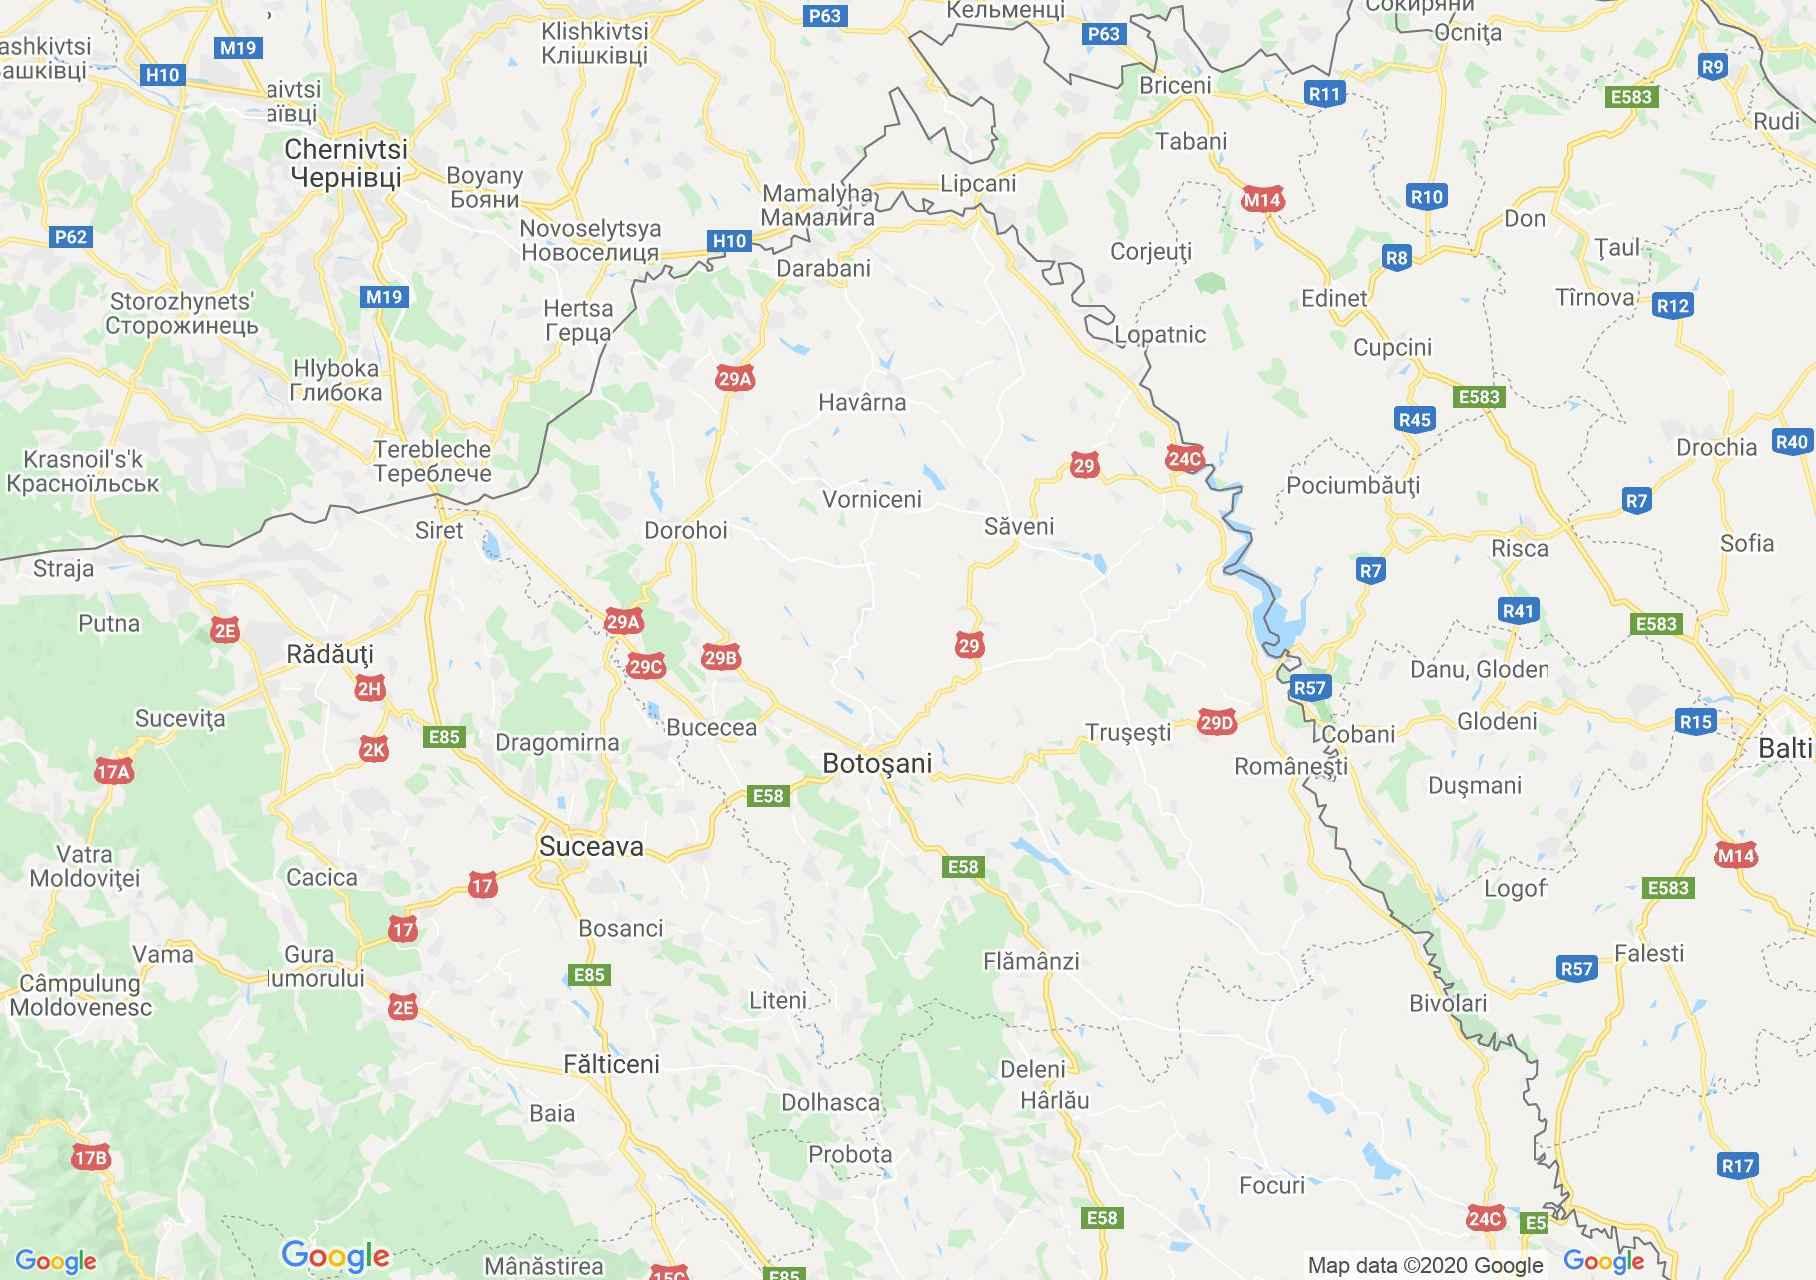 Botosani megye: (Botosani) interaktív turista térképe.